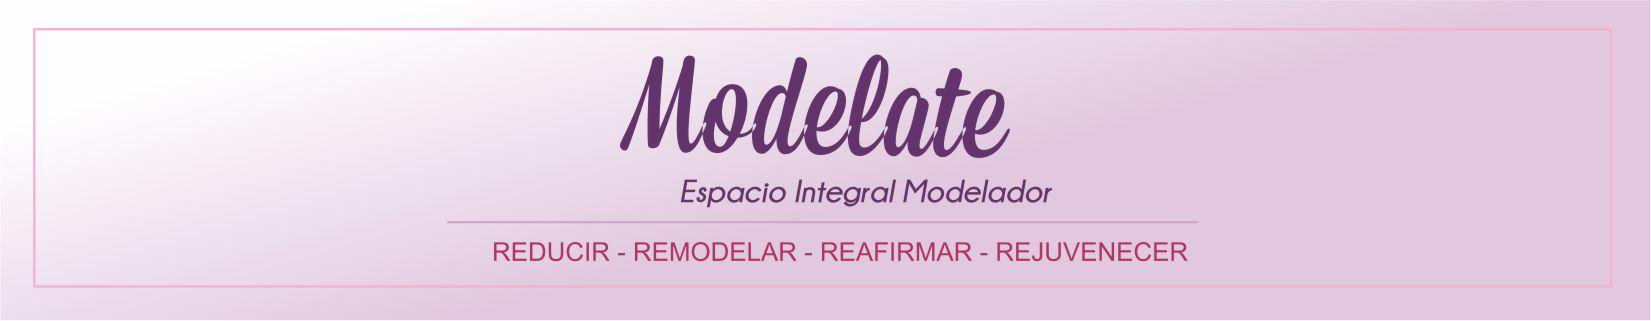 MODELATE